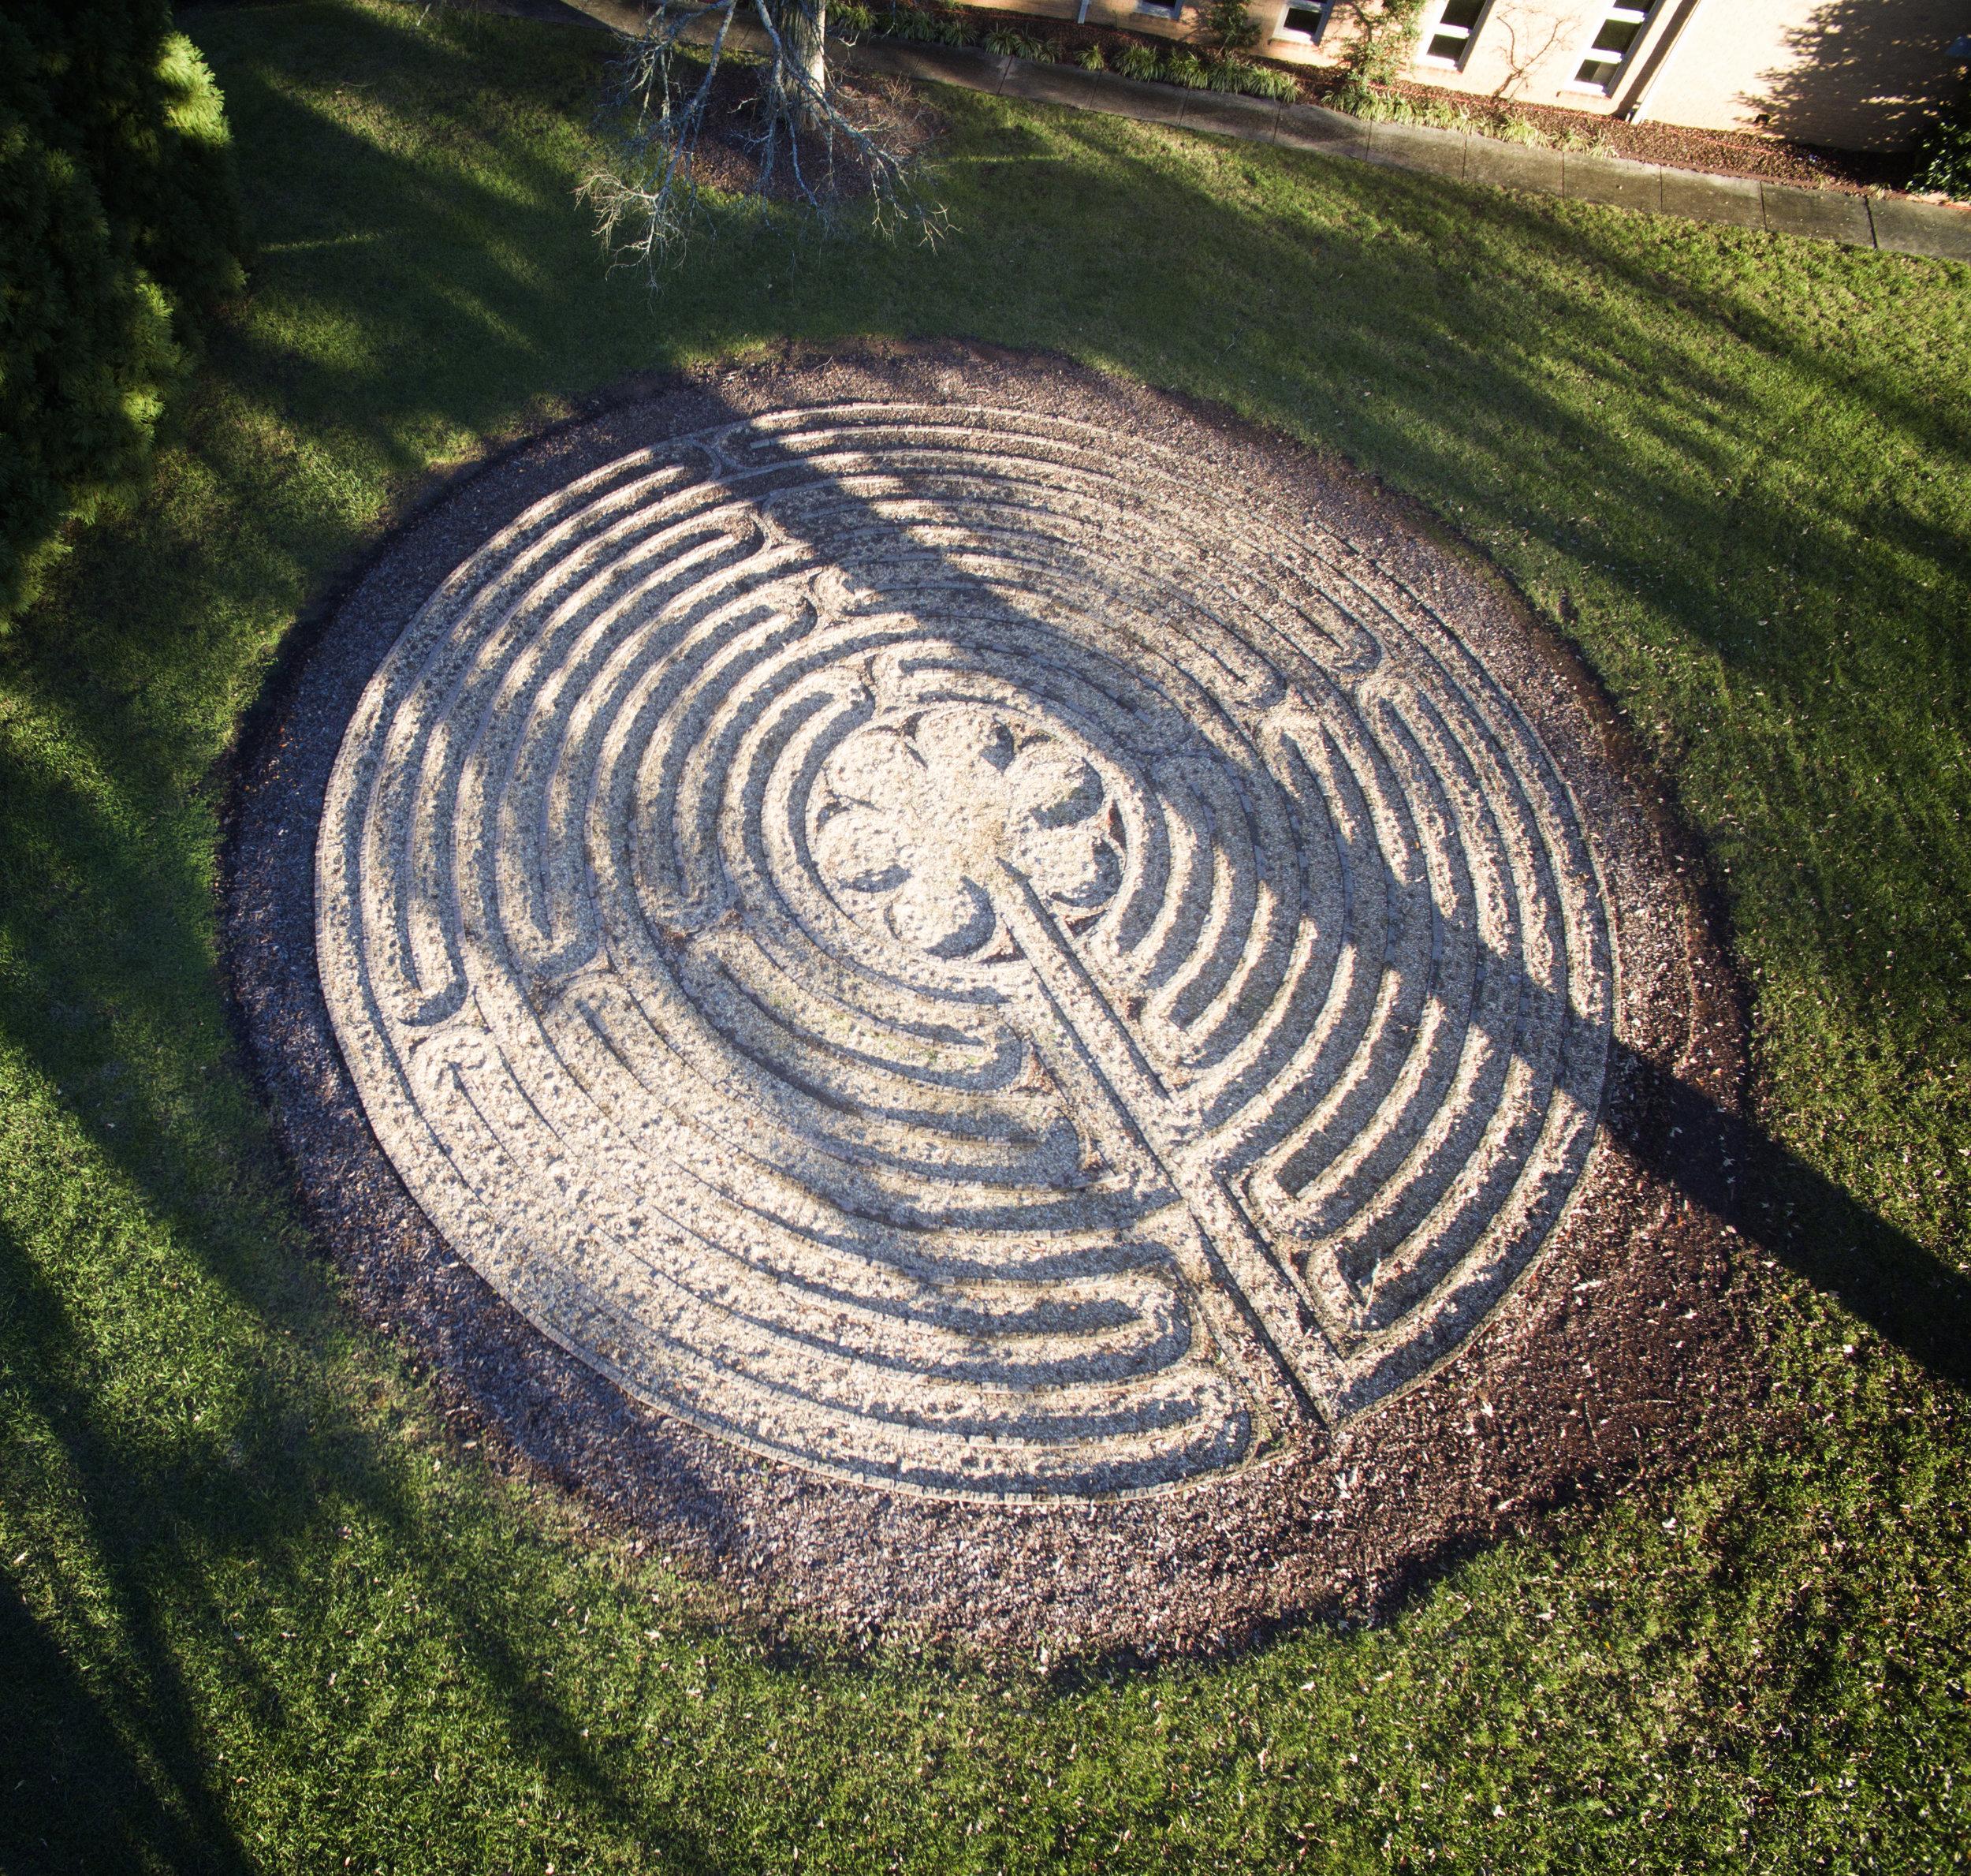 drone wedgewood labyrinth 12.jpg